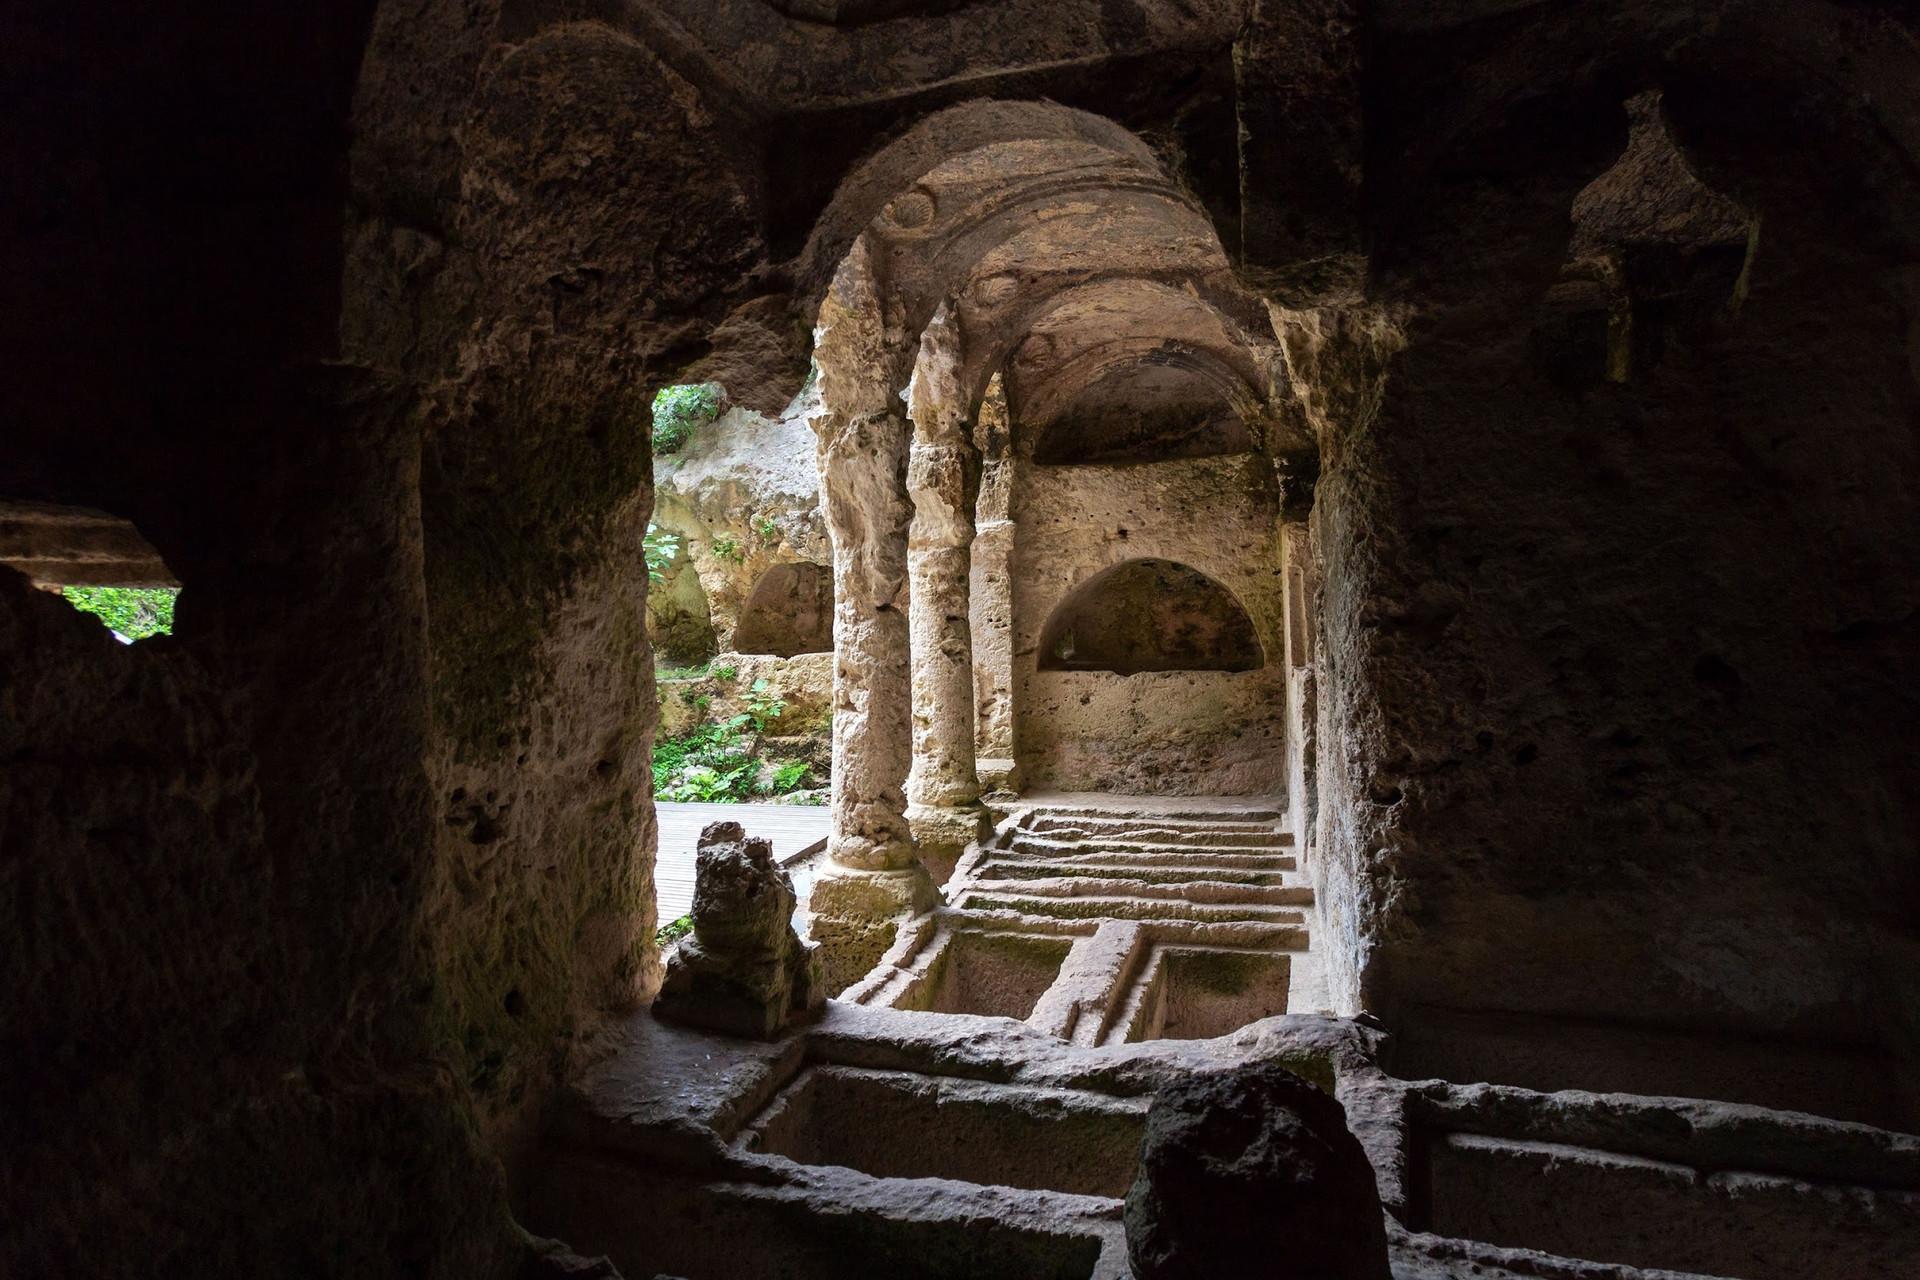 Kỳ quan ngăn nước lũ 2000 năm trước ở Thổ Nhĩ Kỳ - 5